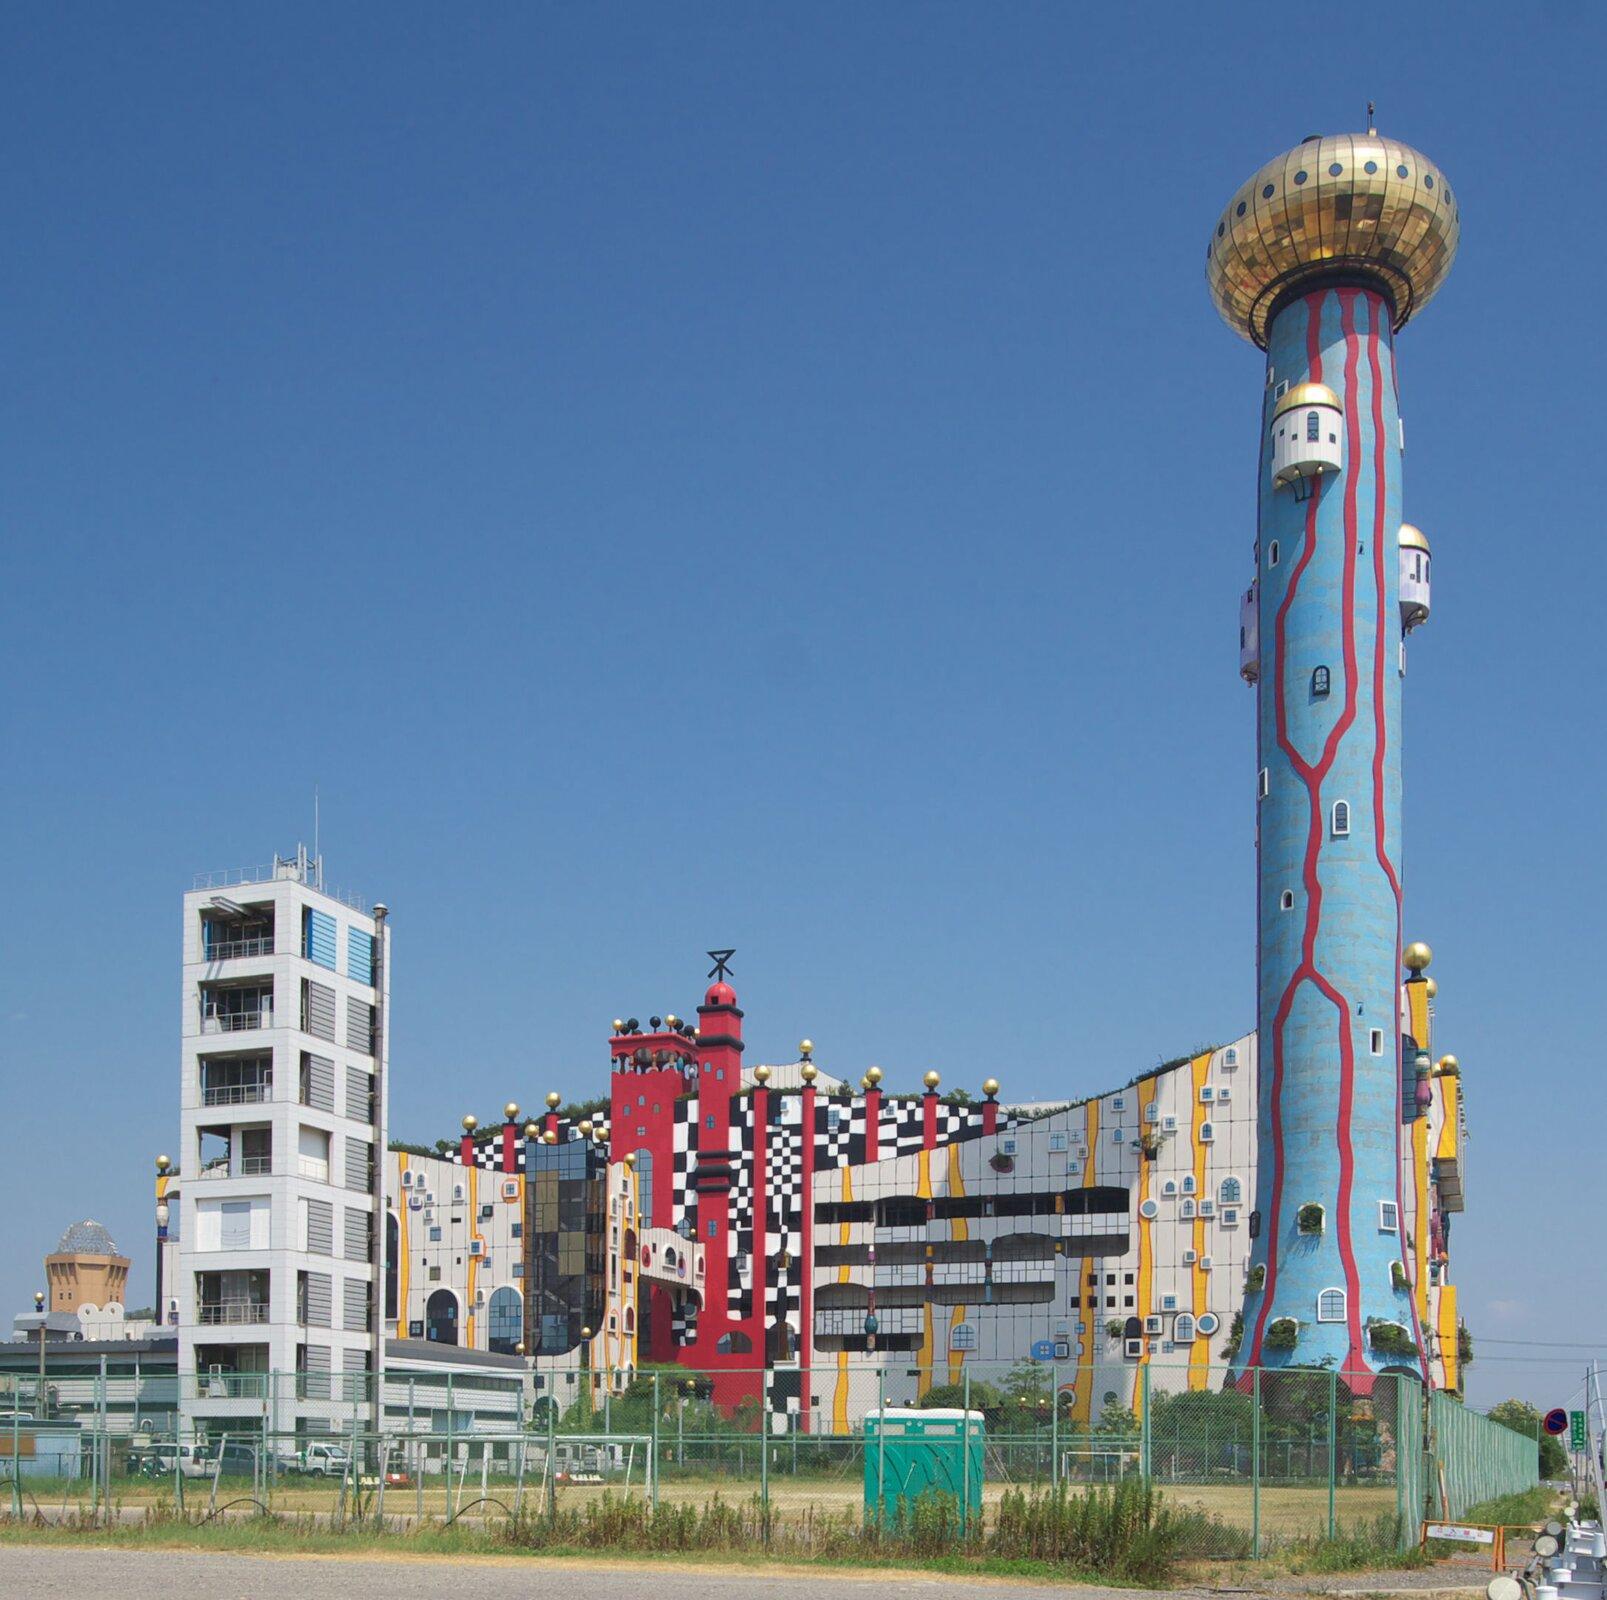 Fotografia przestawia zabudowania spalarni śmieci wOsace(Japonia). Budynki są pomalowane wróżne wzory ikolory. Zprawej wysoki niebieski komin, ozdobiony czerwonymi liniami iokienkami. Ugóry duża, złocista kopuła. Spalarnia wygląda estetycznie.